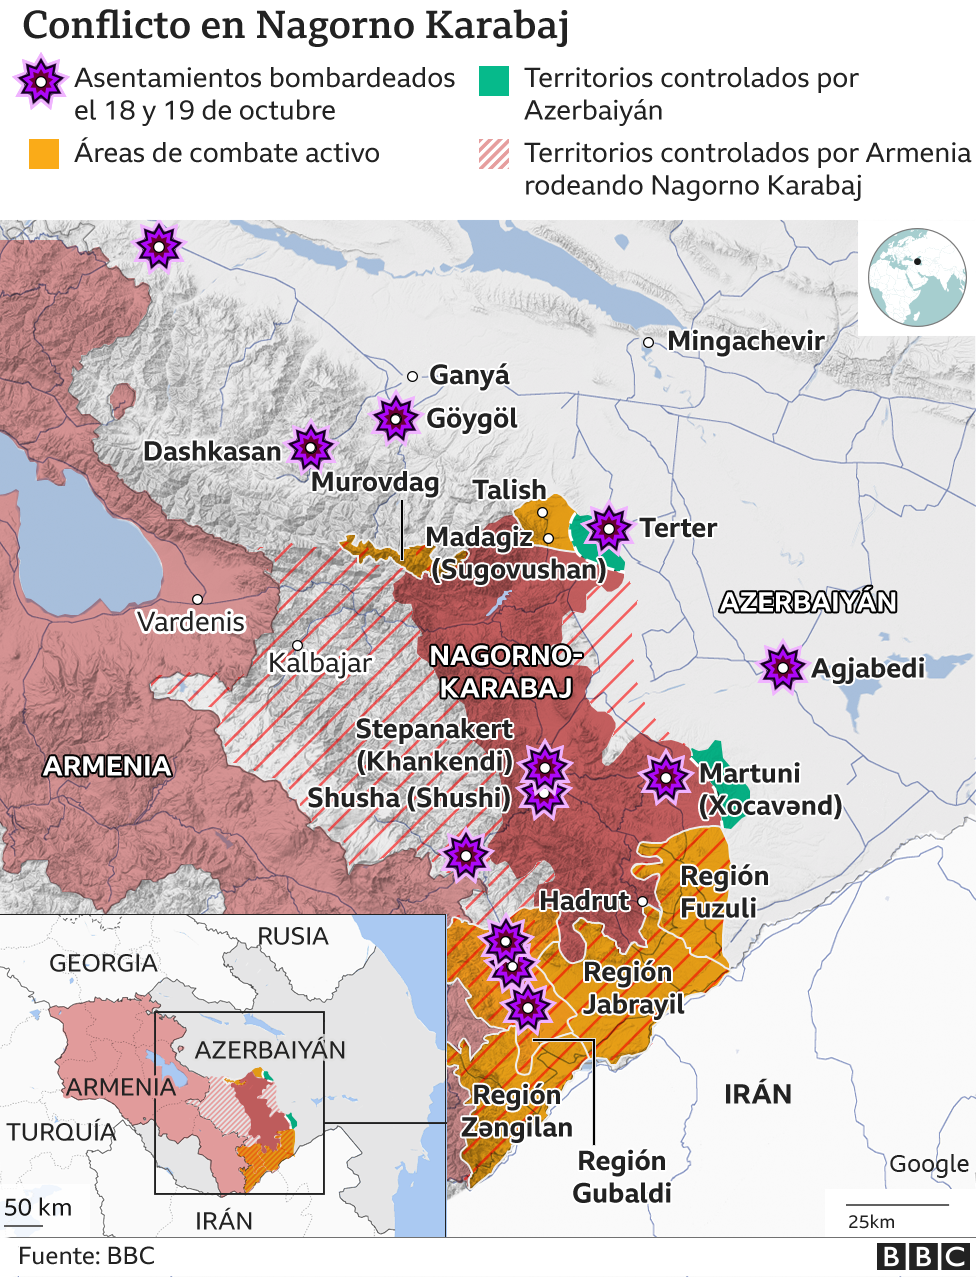 Mapa de la zona de conflicto en Nagorno Karabaj